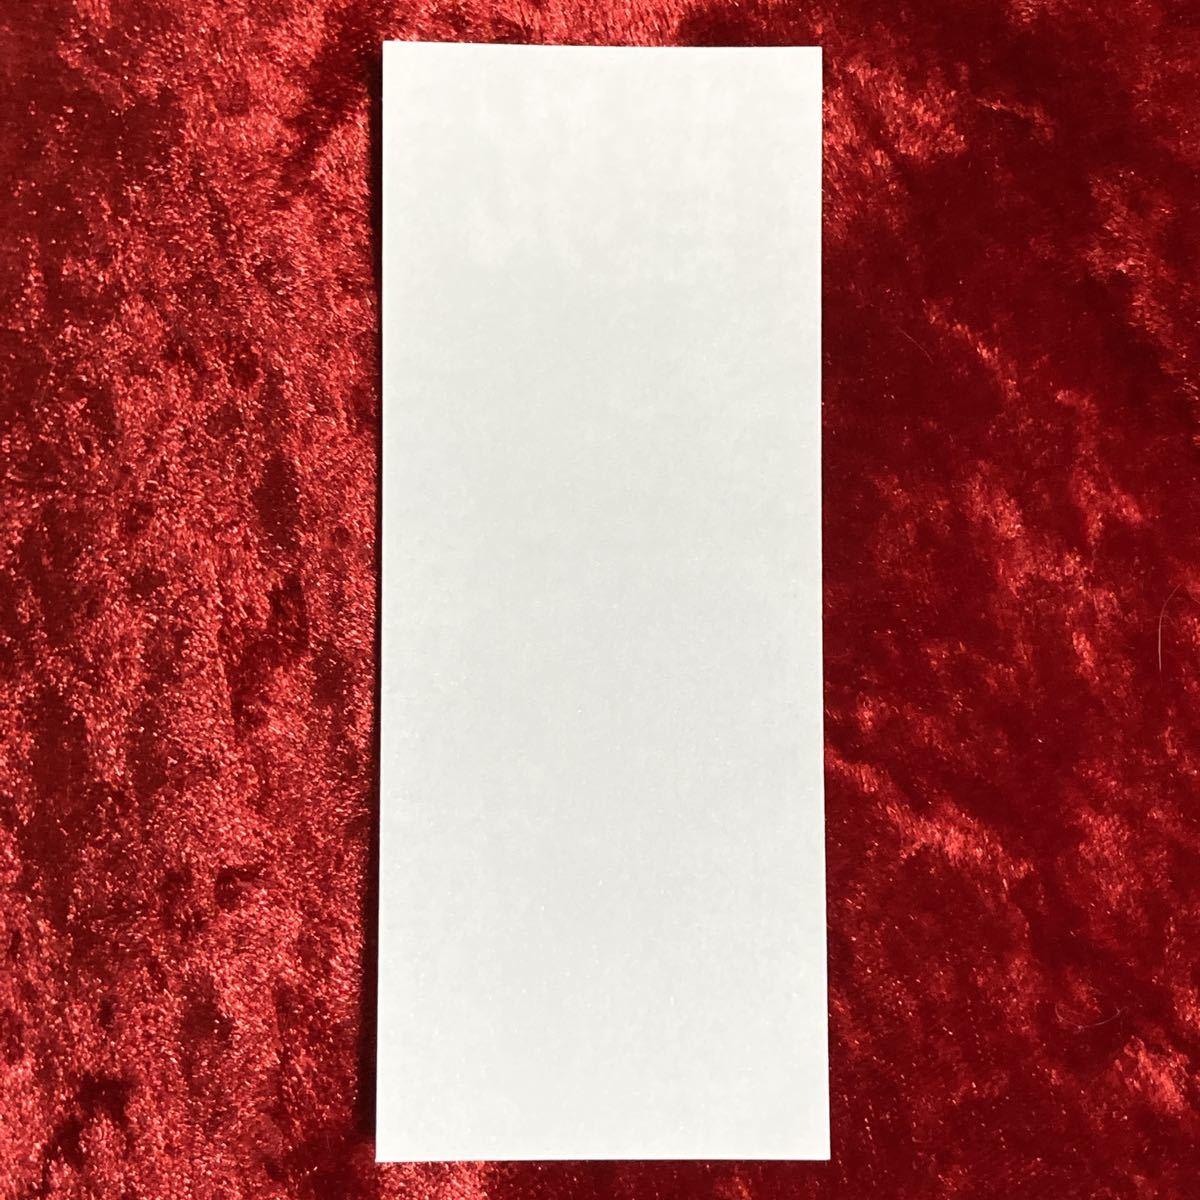 【銀魂 THE FINAL】映画 劇場版 来場者 特典 歴代名エピソード フィルム風シール ステッカー 昨日の敵は今日もなんやかんやで敵 銀時 土方_画像2